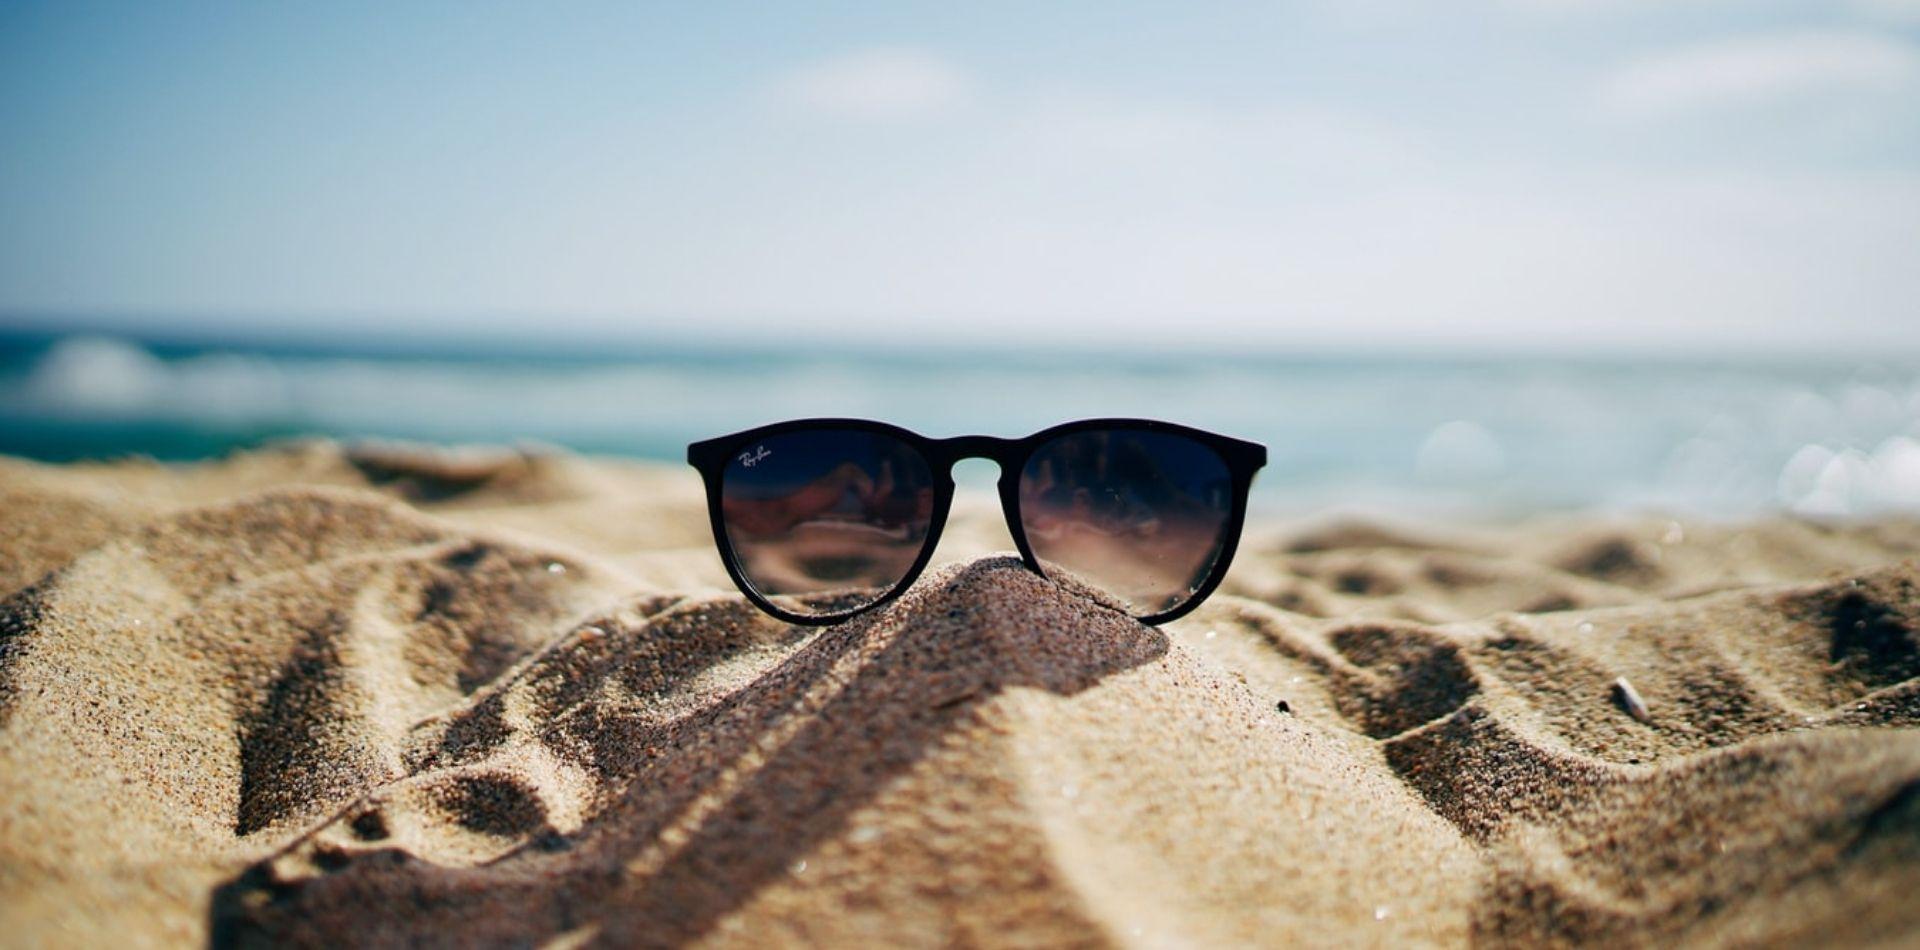 Vacances d'été : comment motiver ses collaborateurs ?